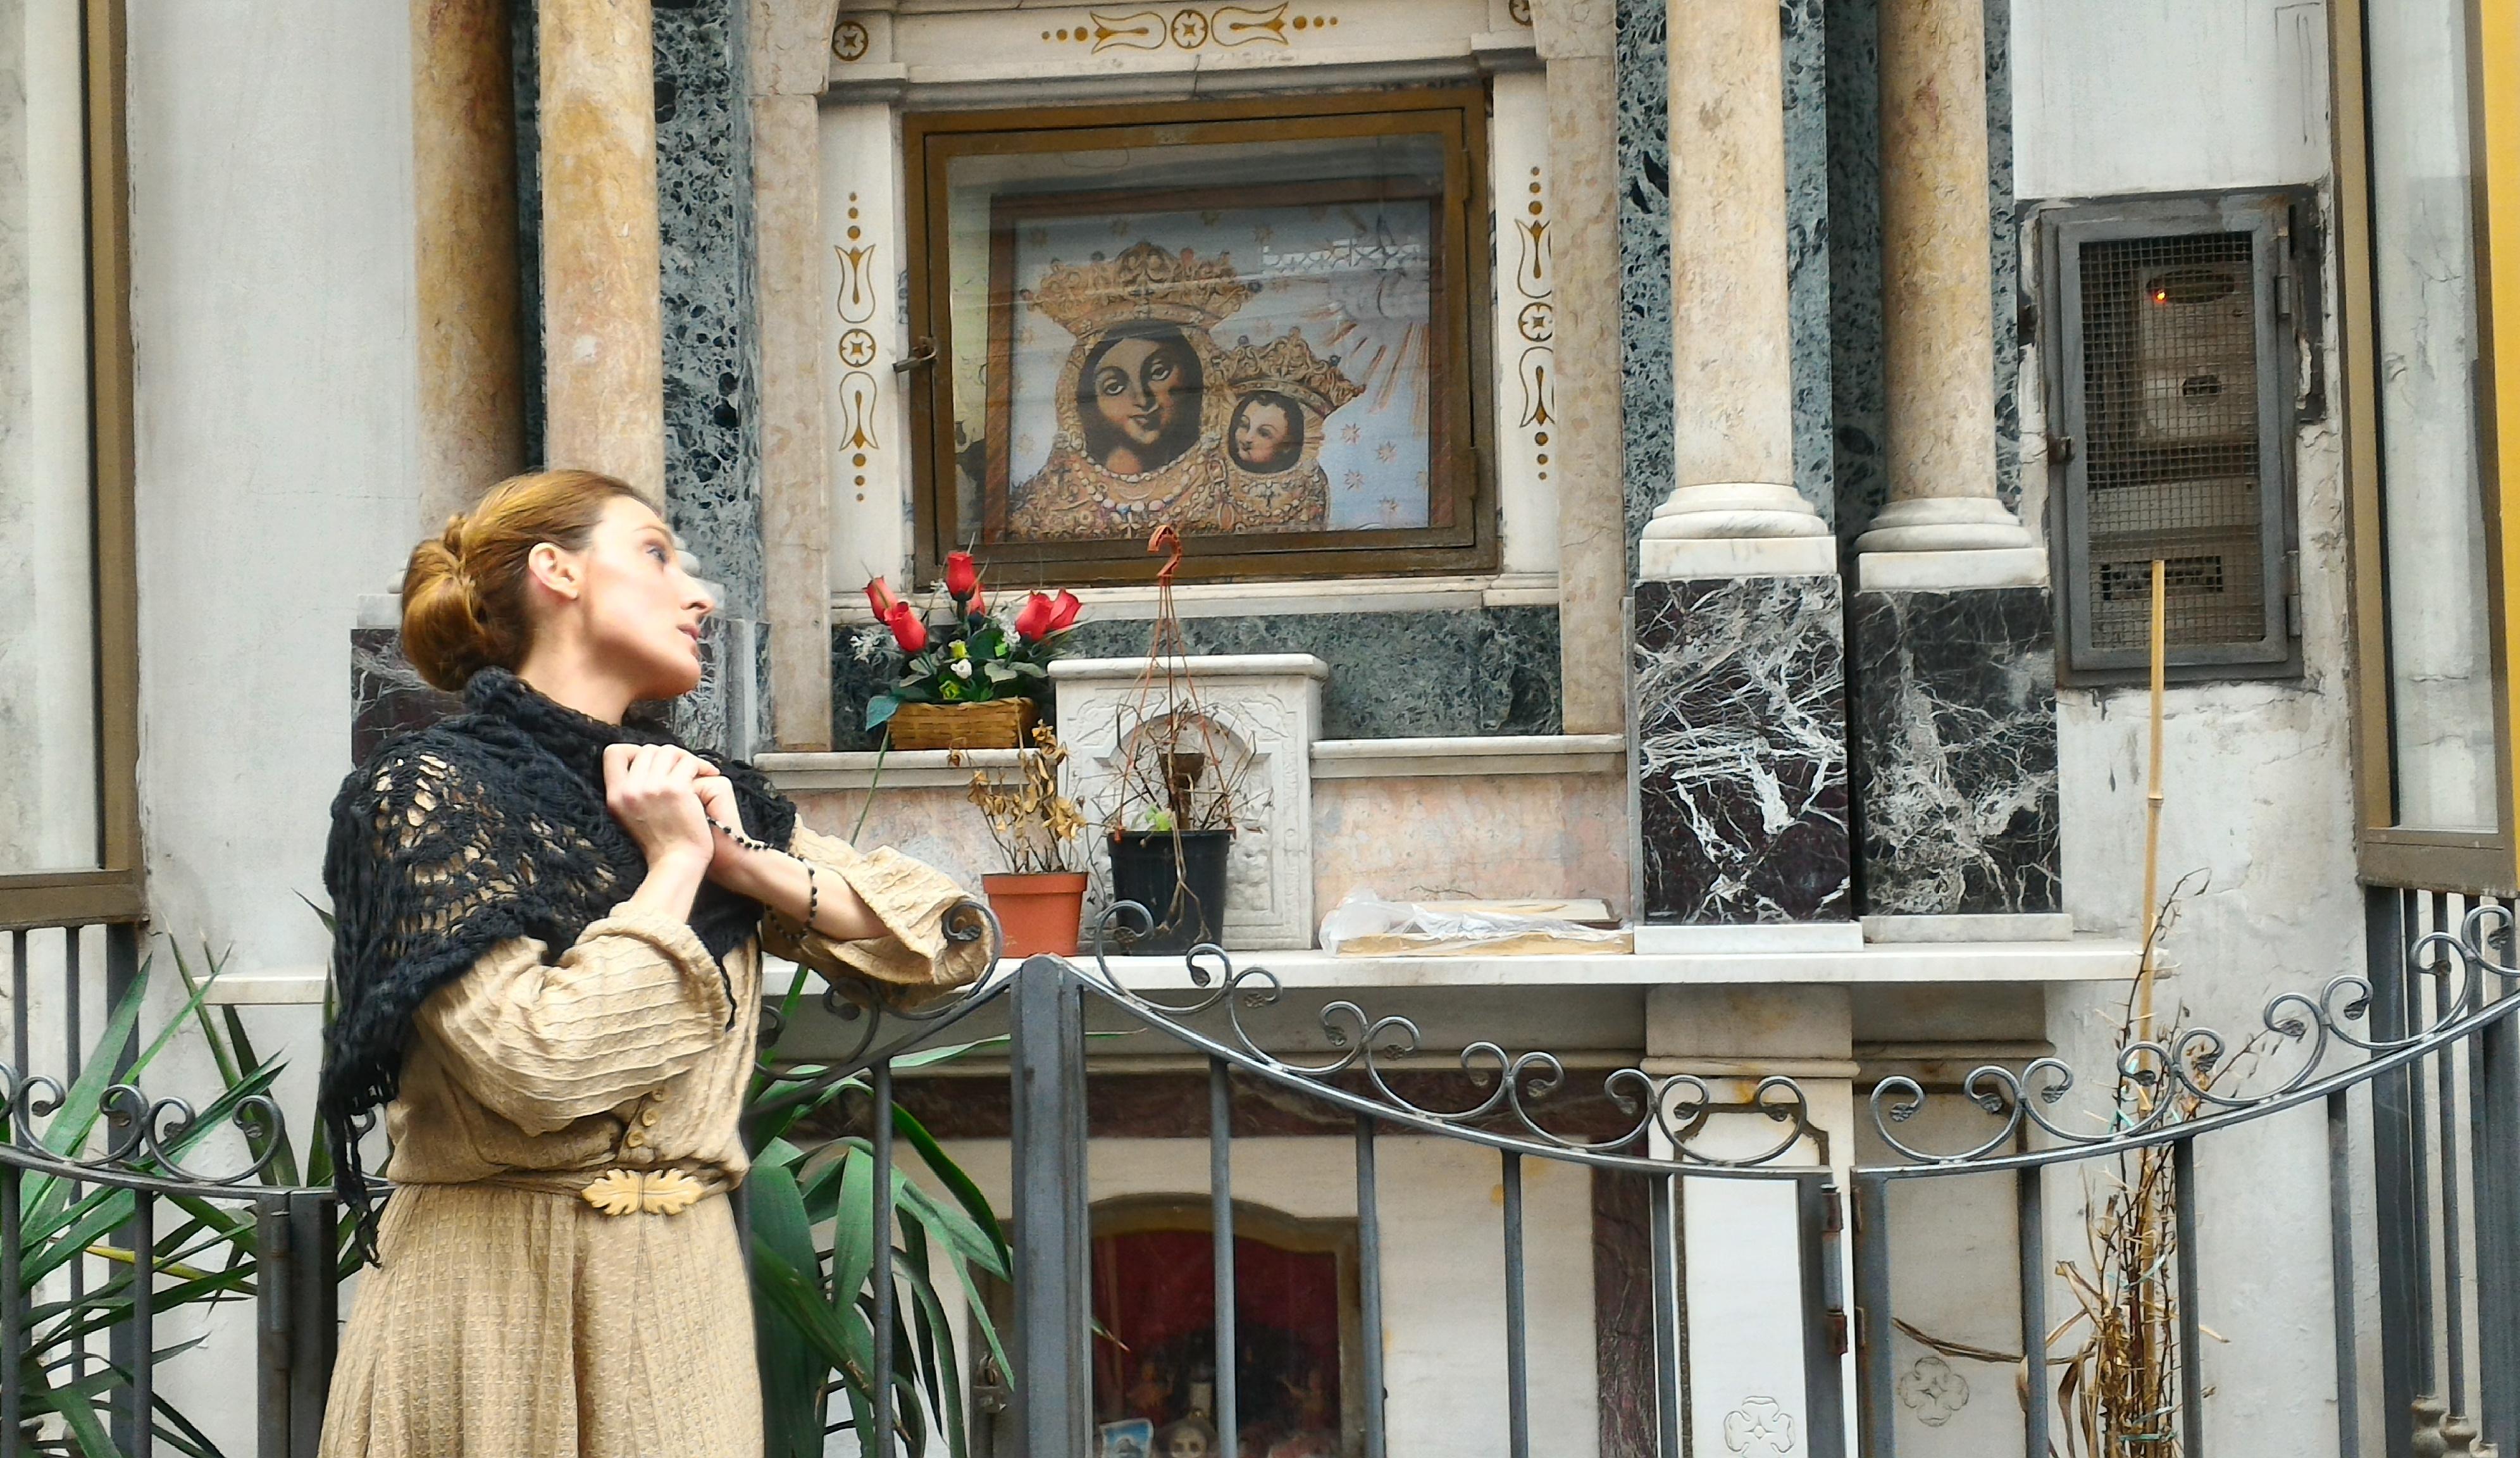 """""""Facimmoce 'a croce: Napoli e i suoi Altarini"""", un viaggio tra tradizione, urbanistica e teatro. Dopo il successo in replica il 16 ottobre"""